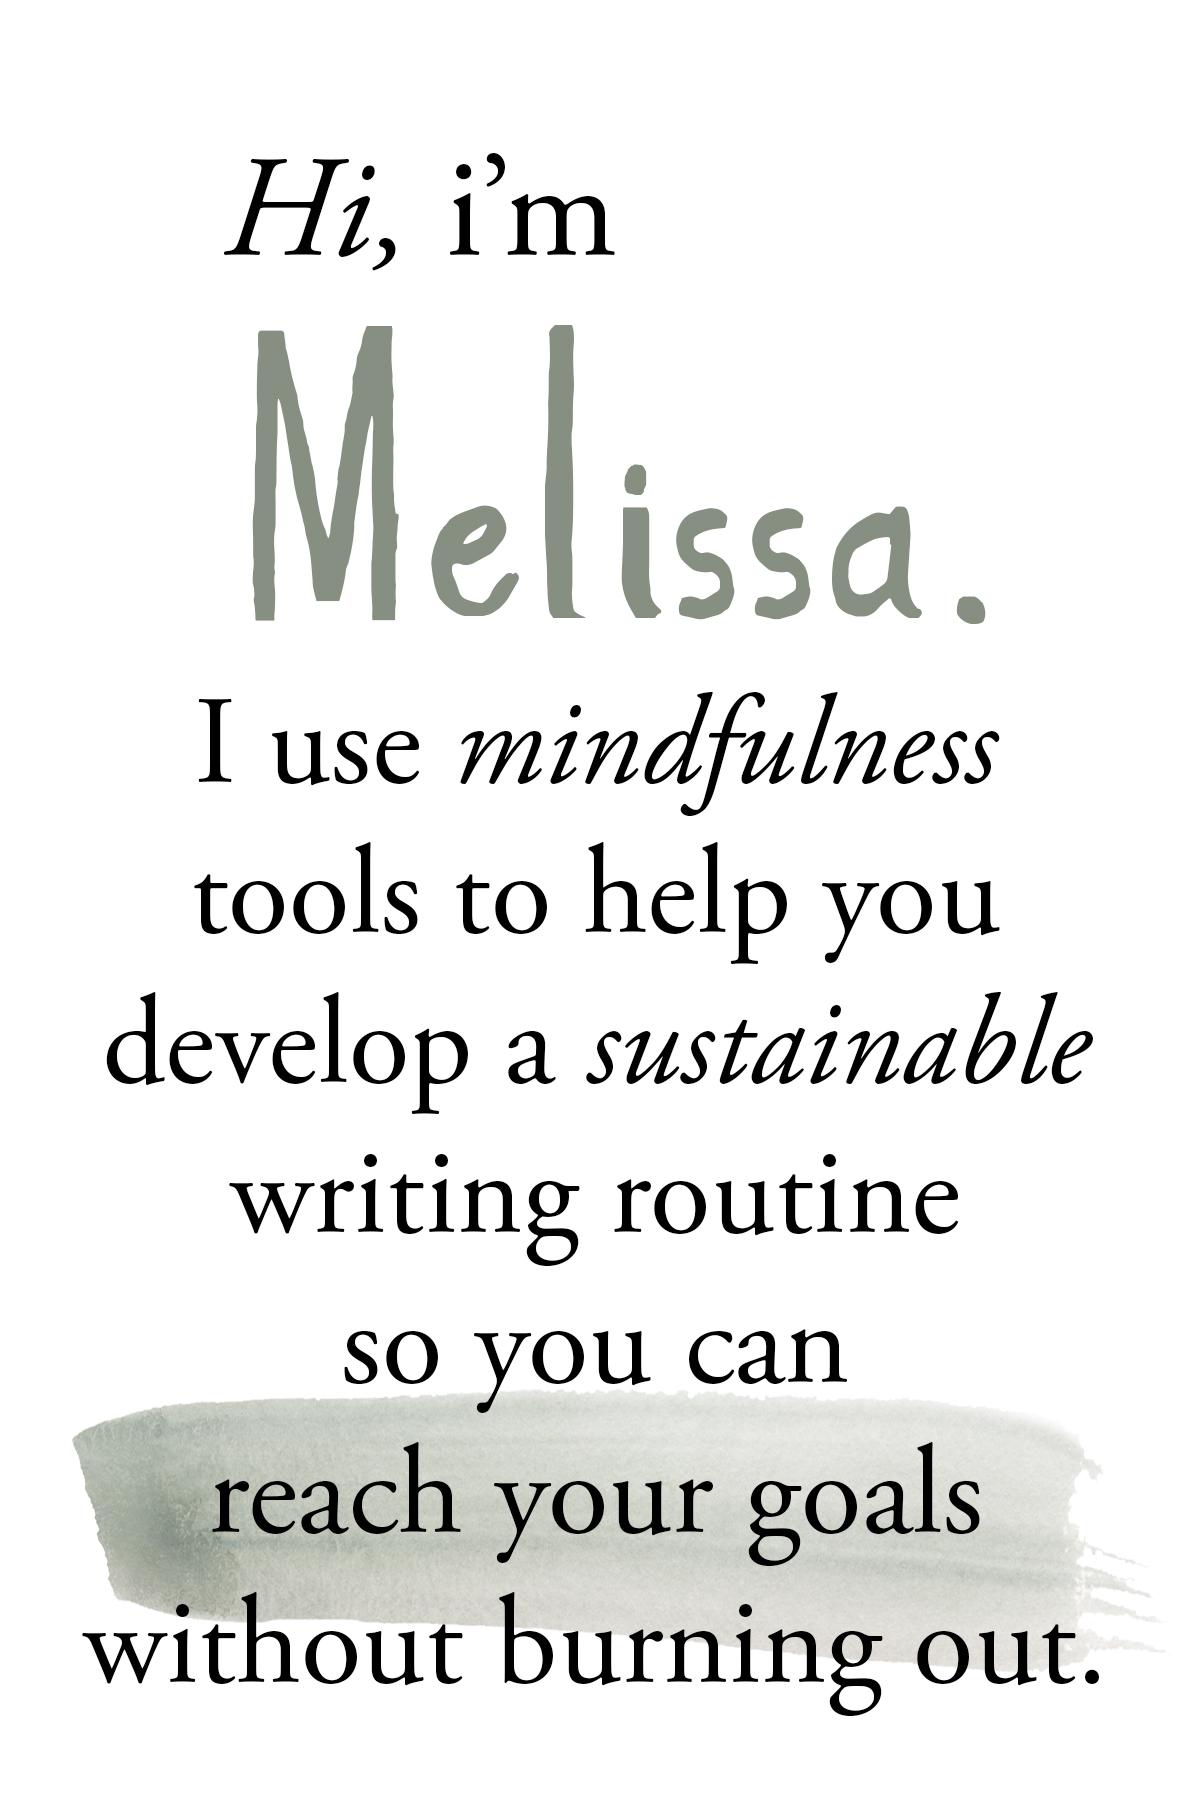 mindful-writer-melissa-bloom-2.jpg